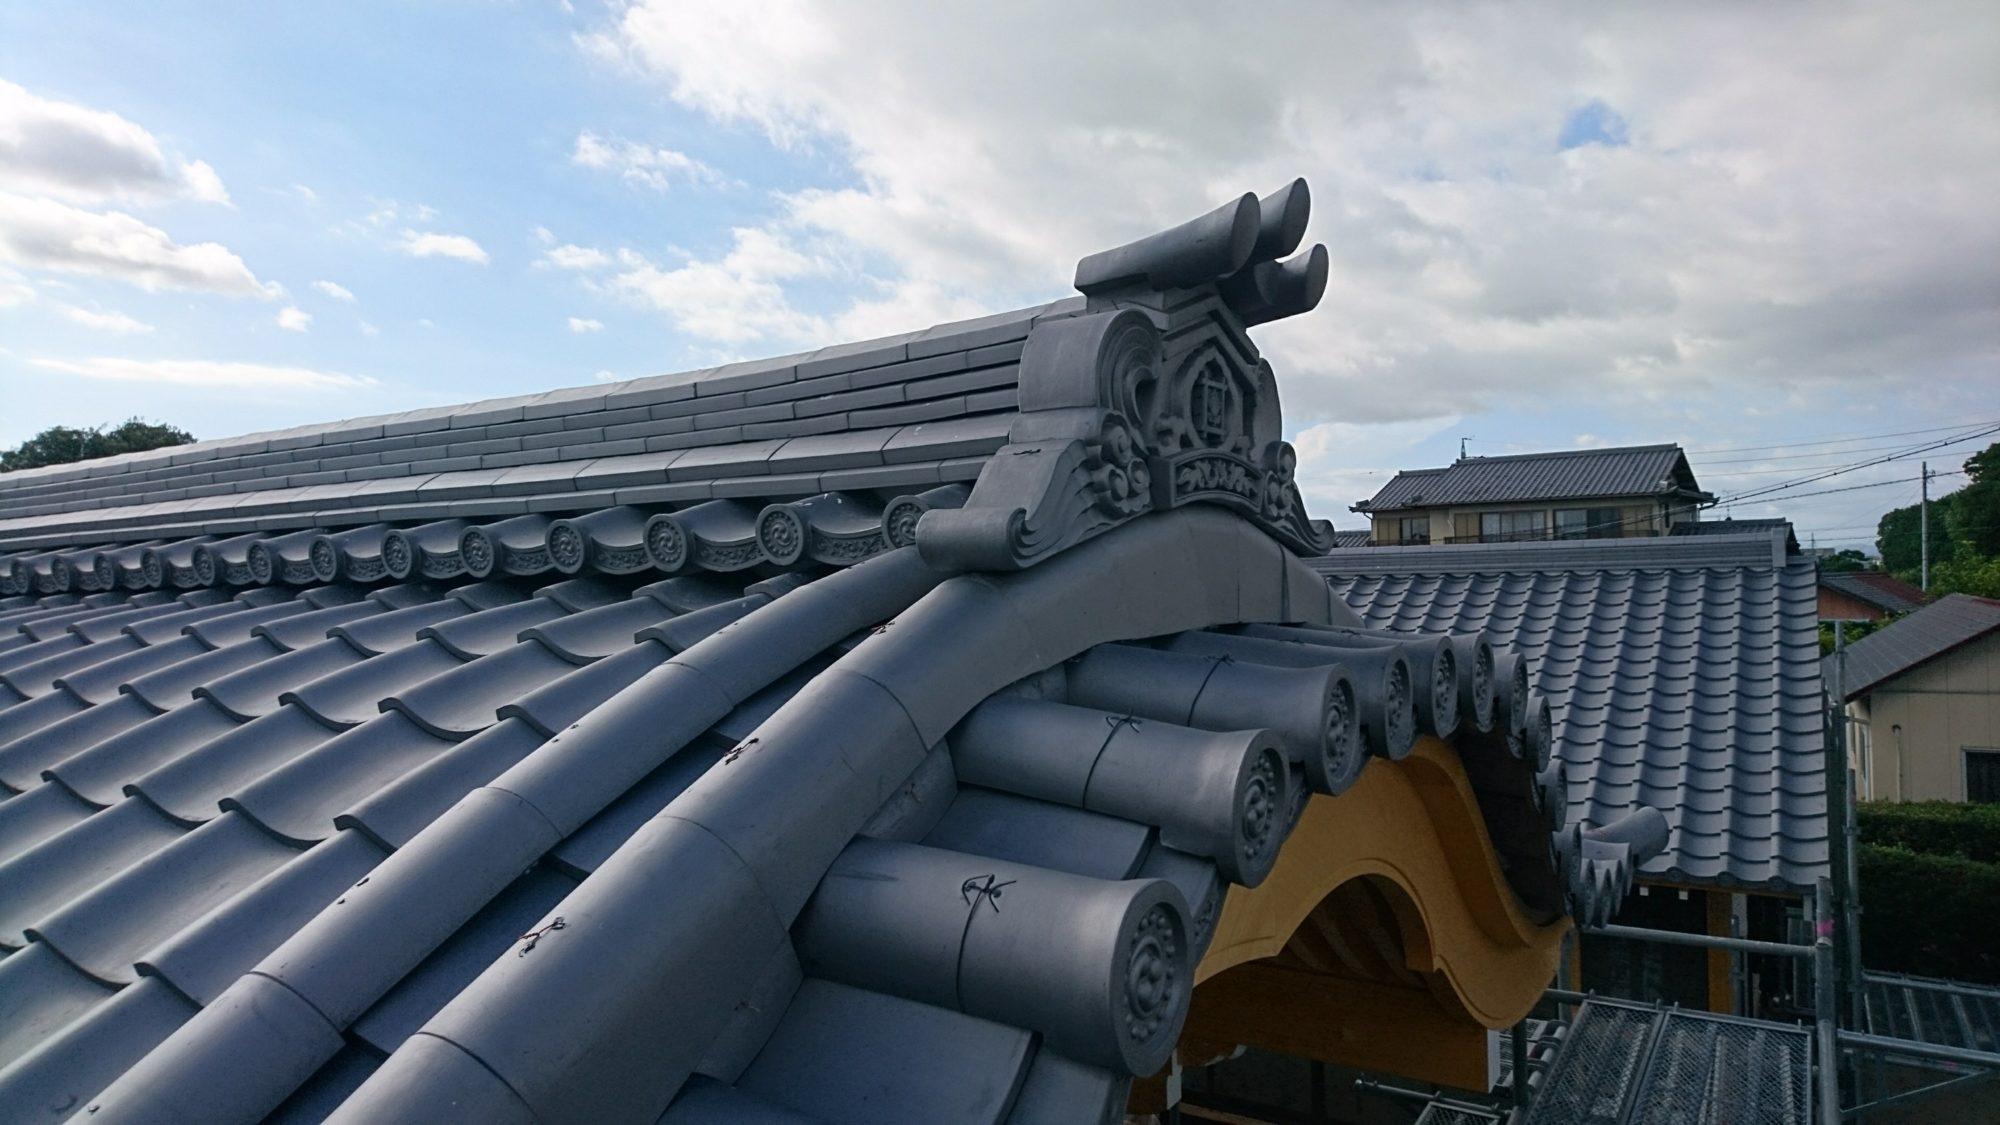 伊正建設さんの仕事で、あま市のお寺で玄関工事をしています。